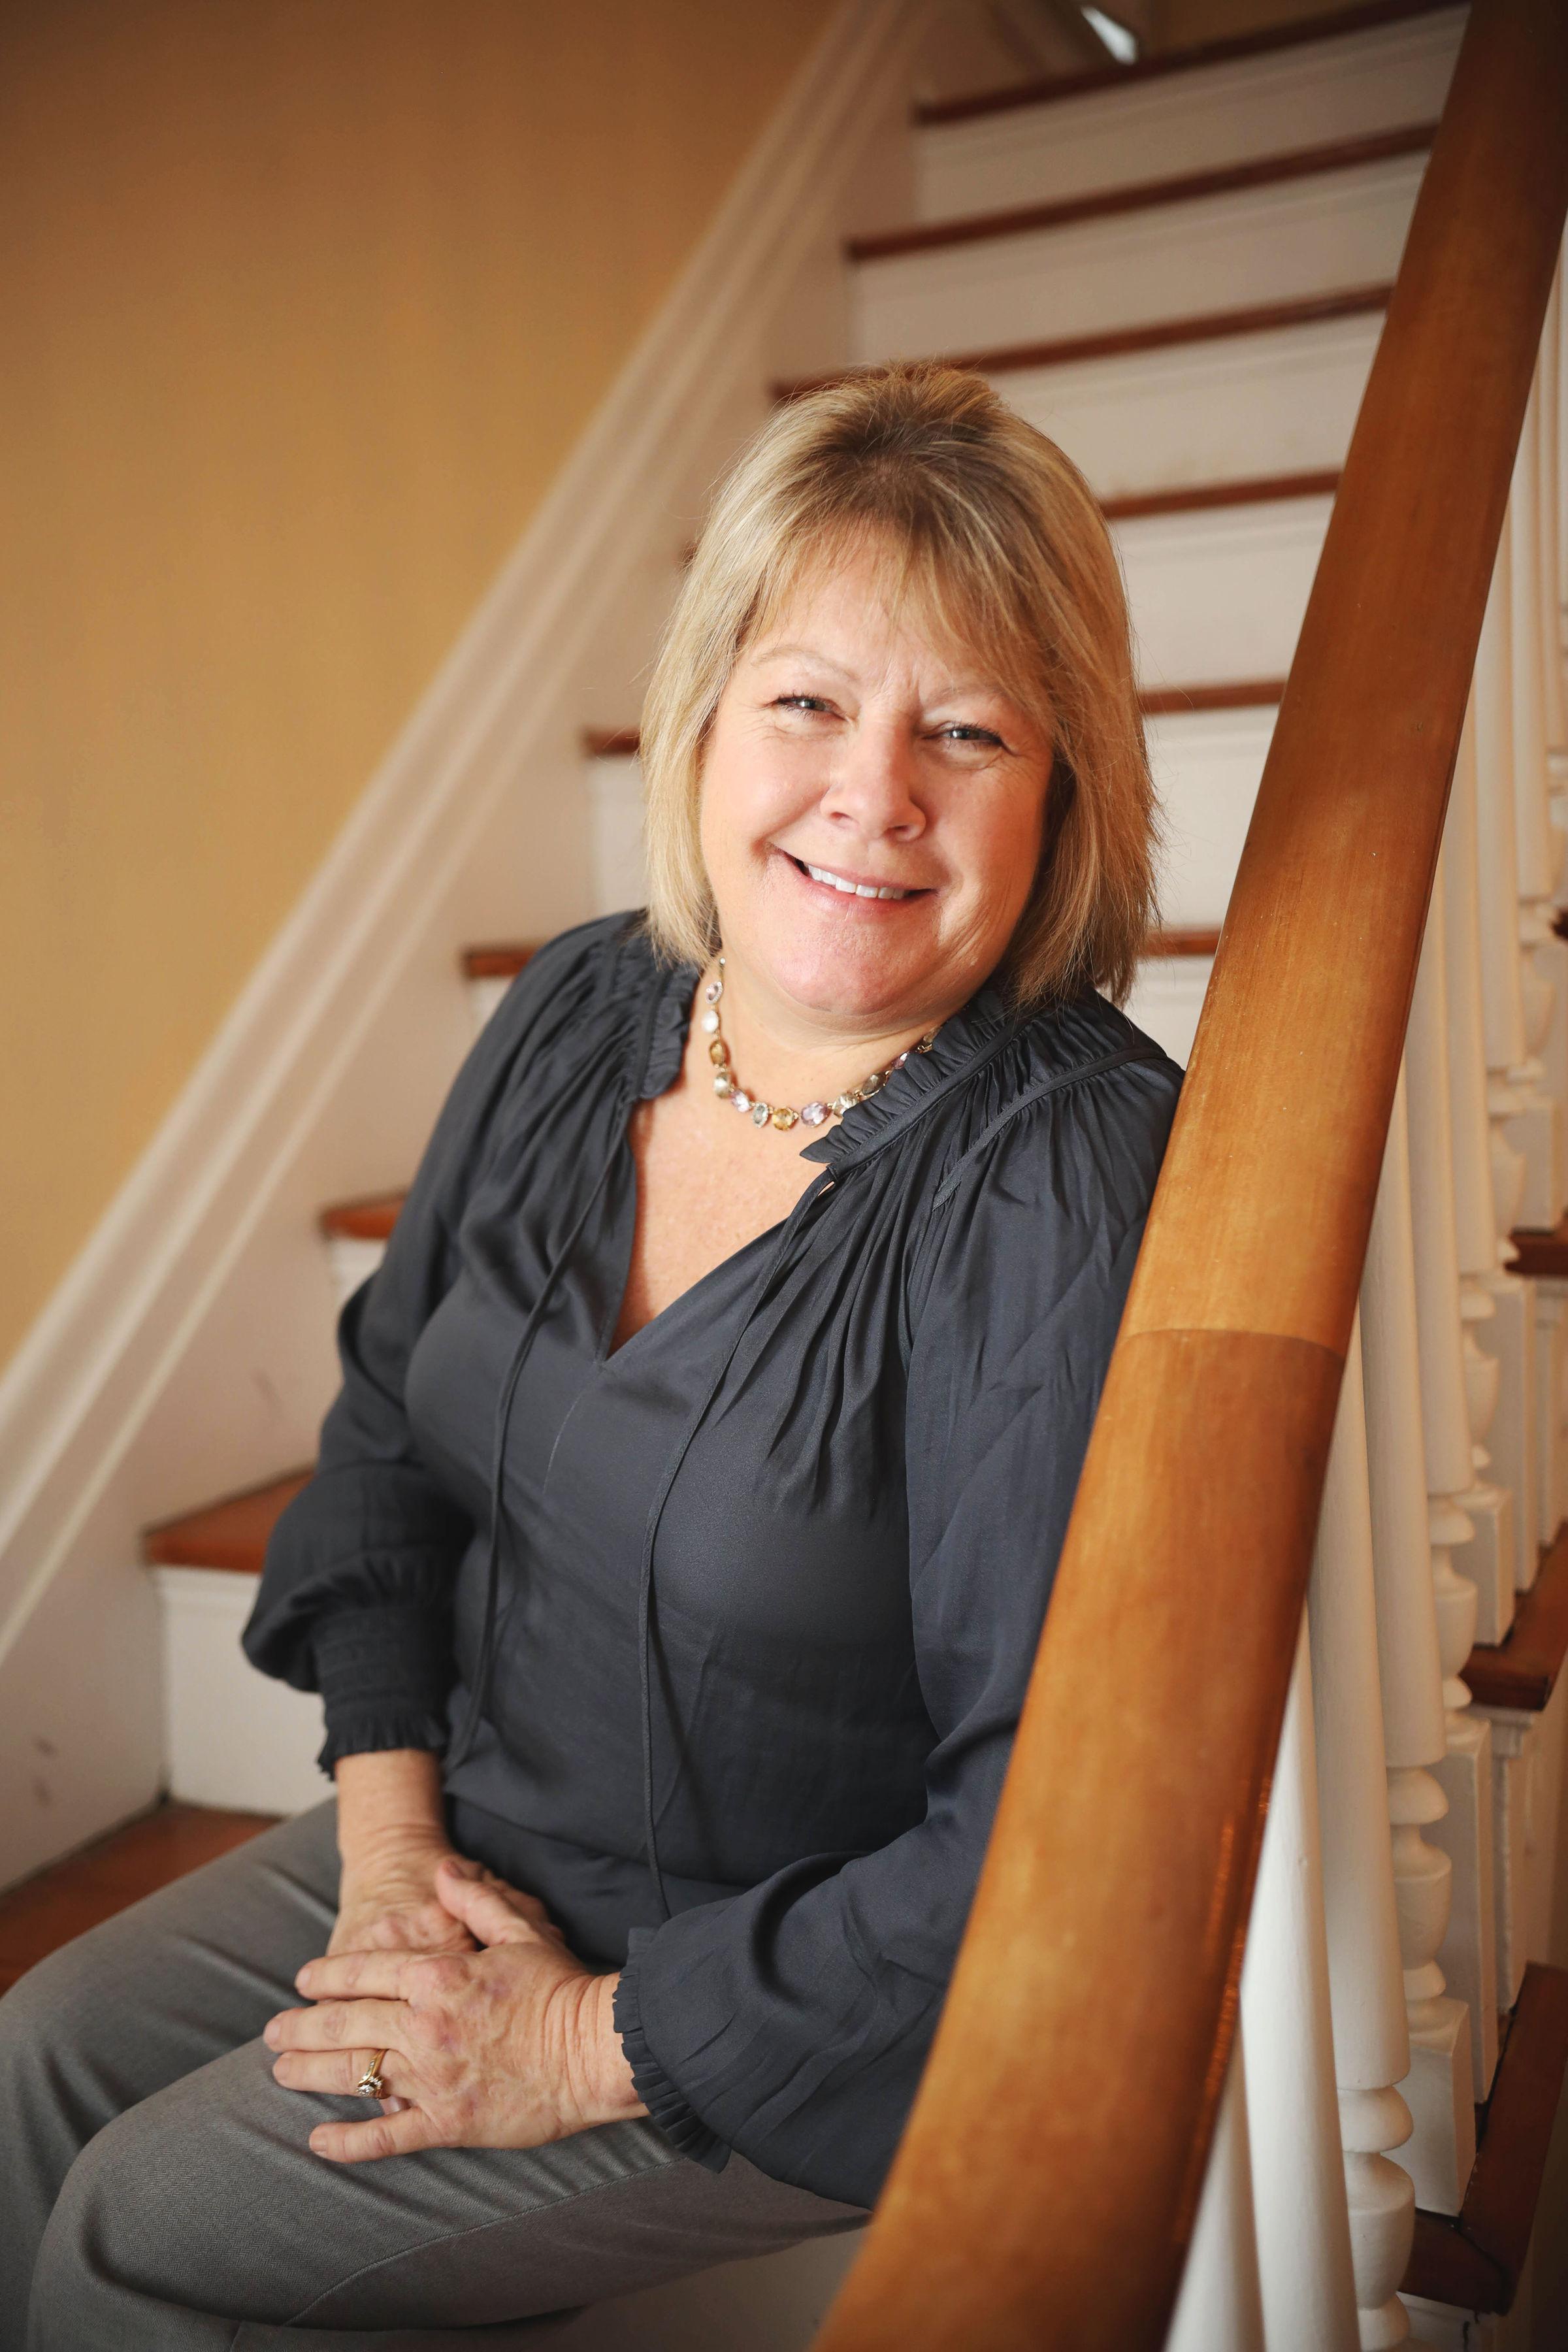 Leah Kordenbrock